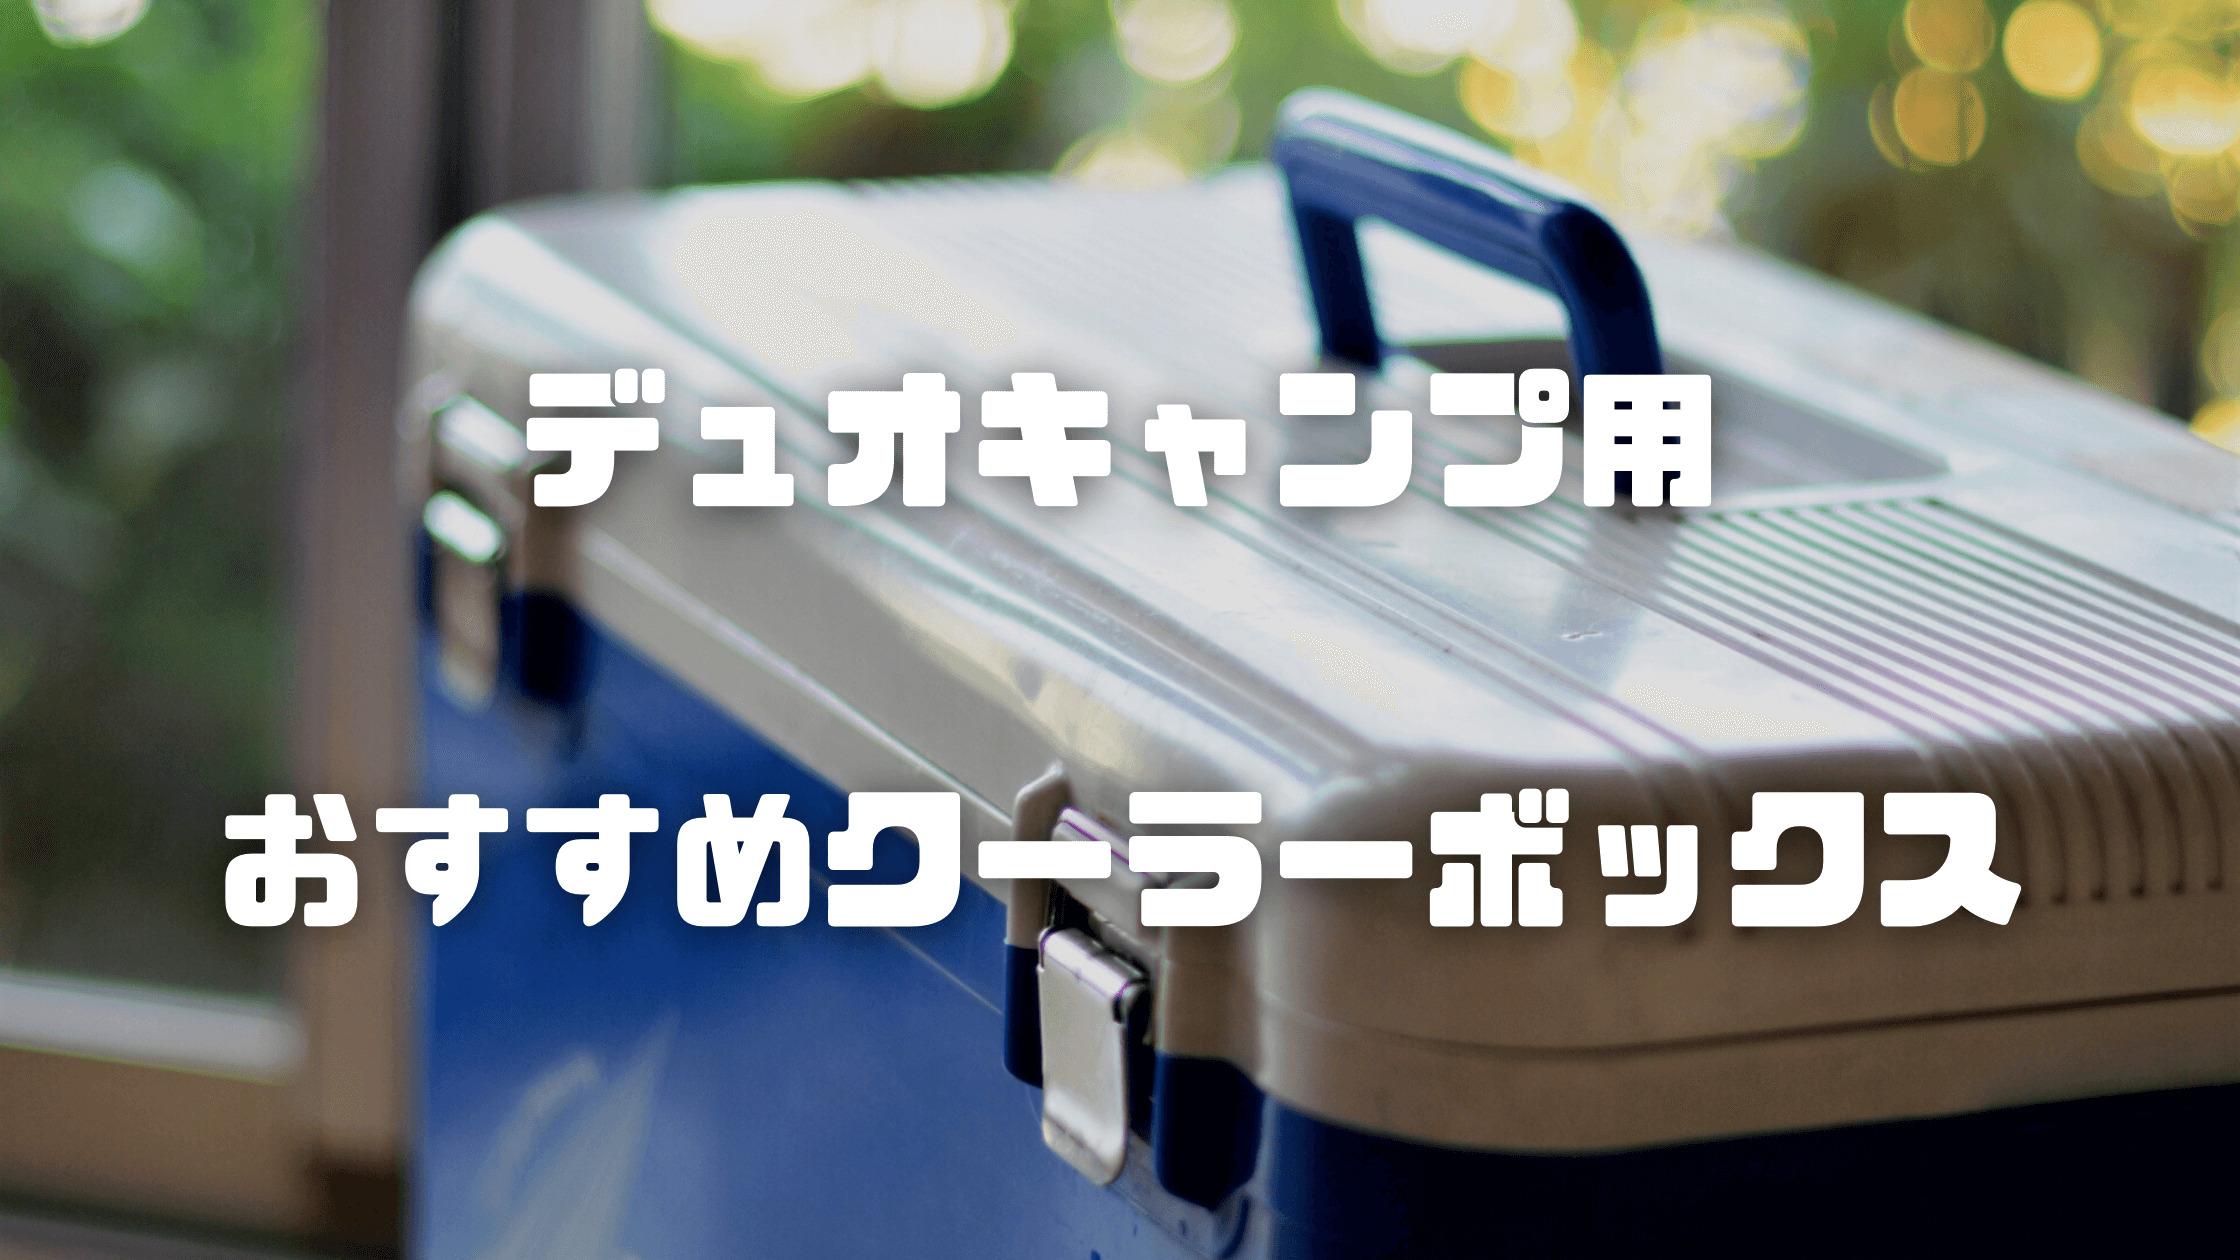 デュオキャンプに使える2人用クーラーボックスおすすめ5選【選び方から完全網羅版!】